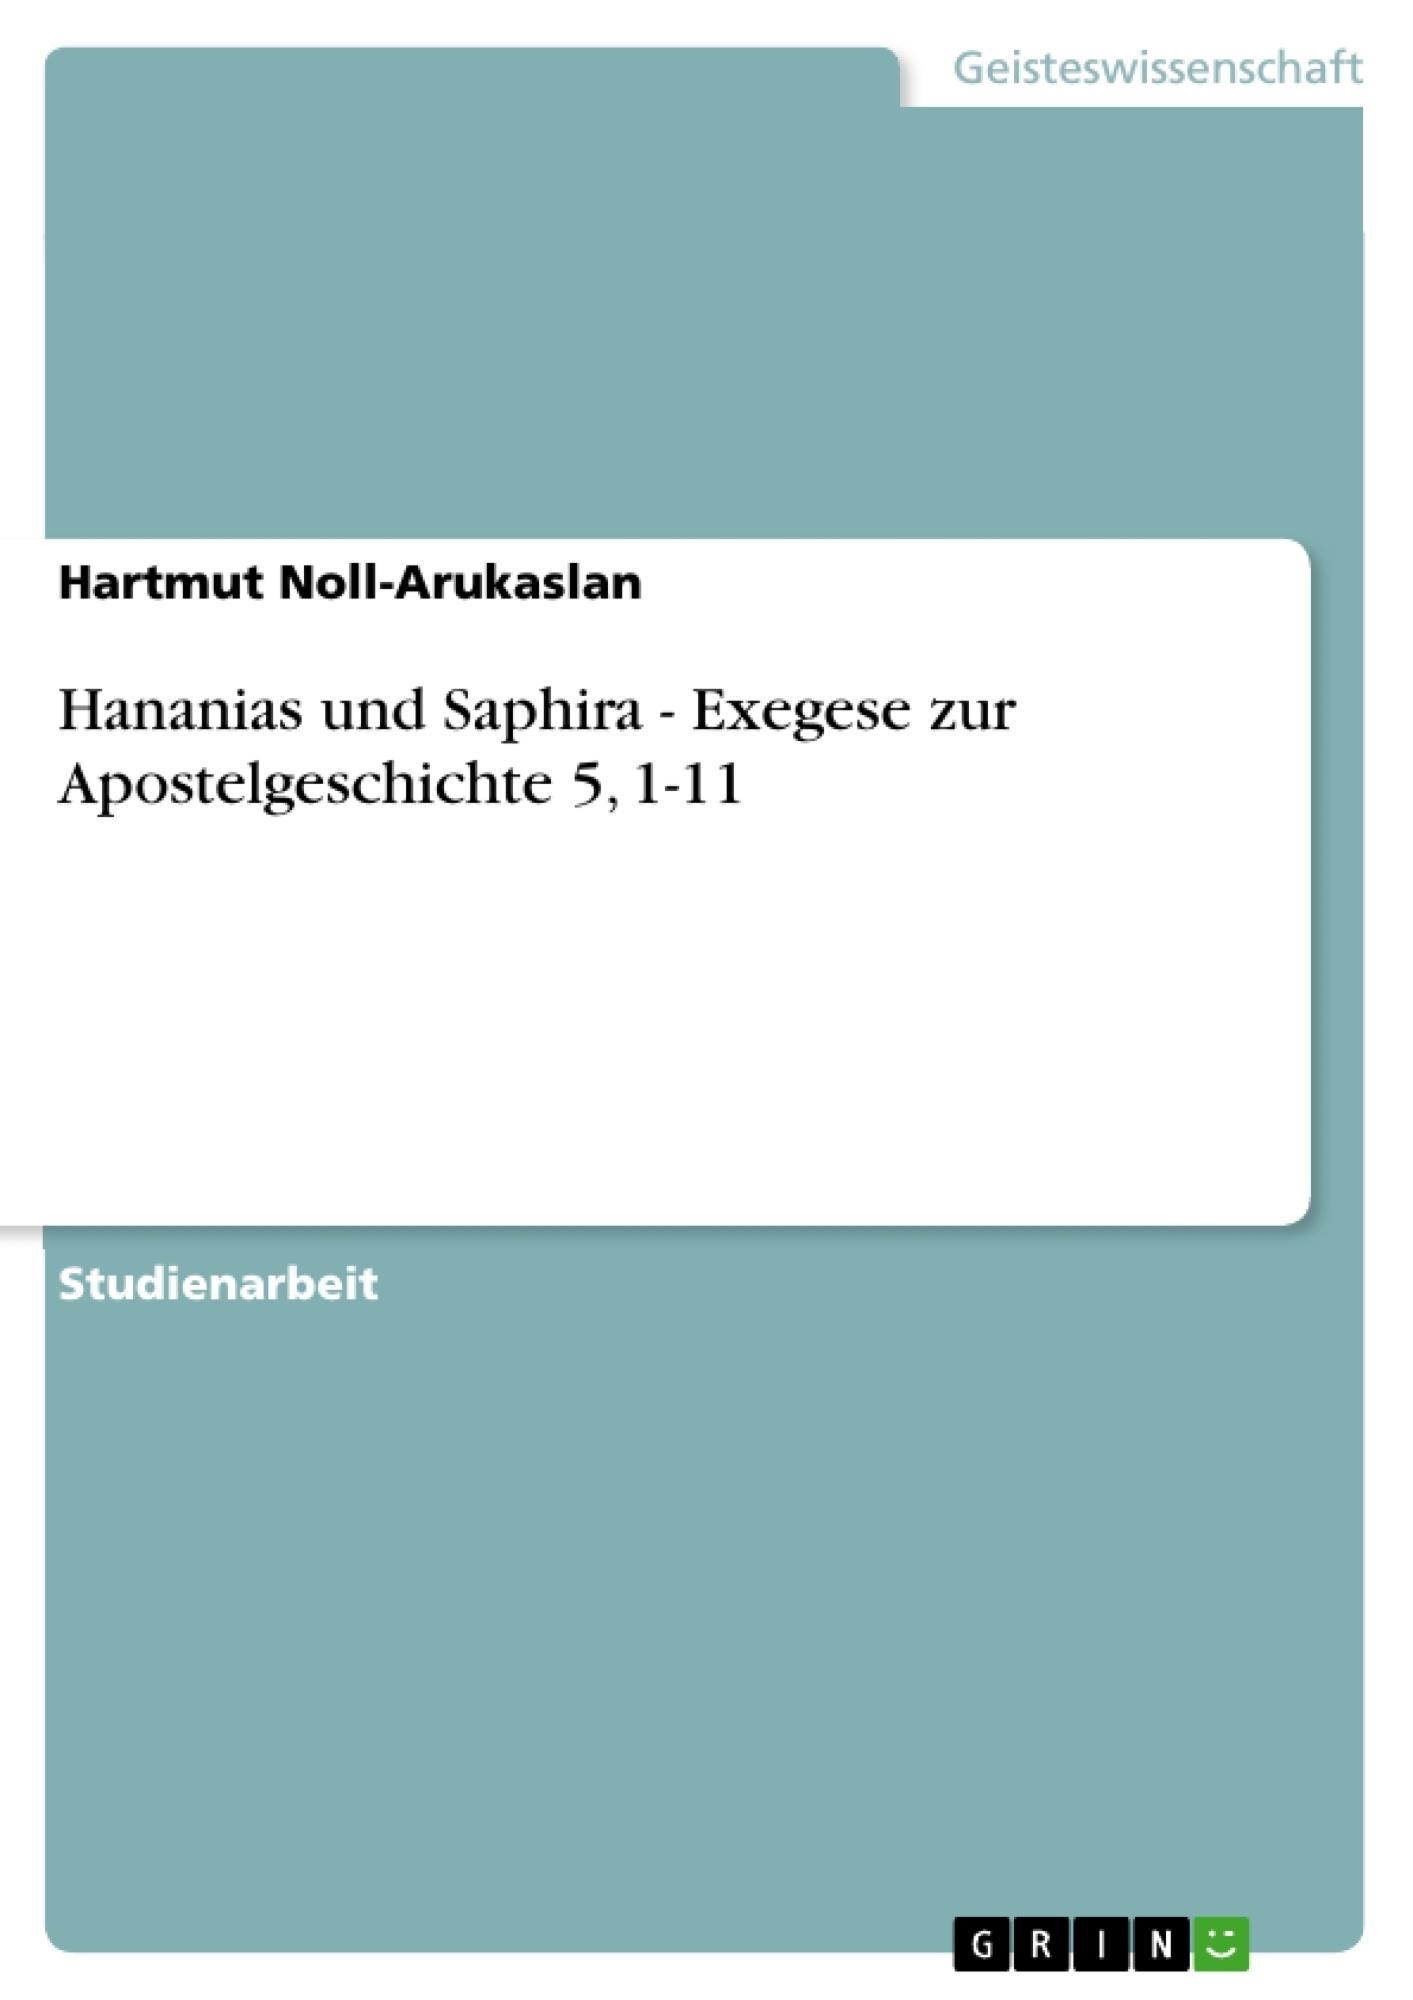 Titel: Hananias und Saphira - Exegese zur Apostelgeschichte 5, 1-11